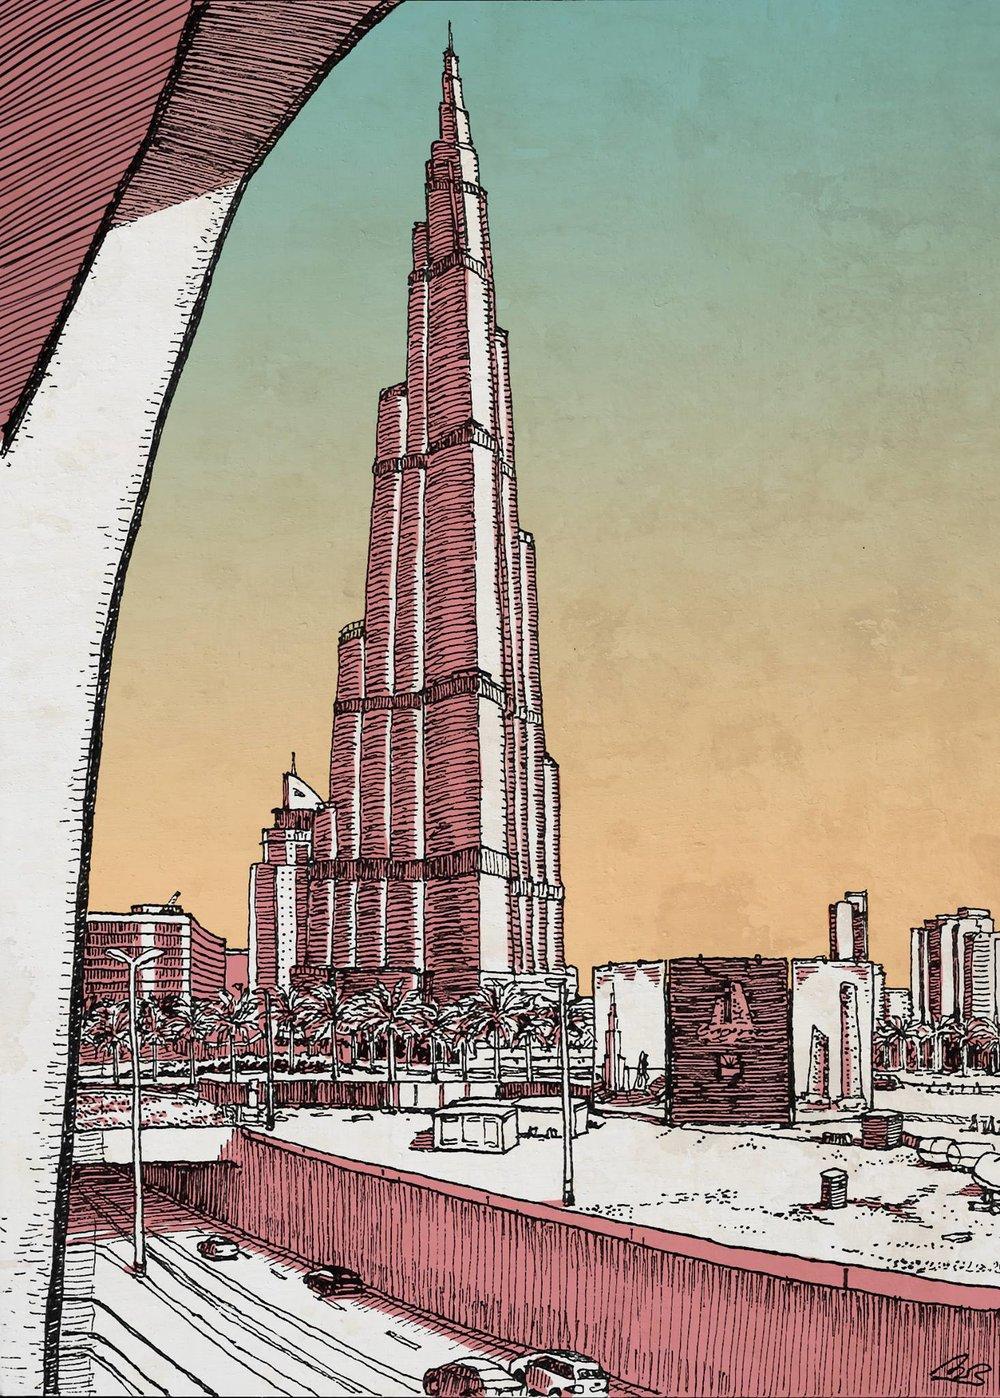 - Dubai - The Burj Khalifa